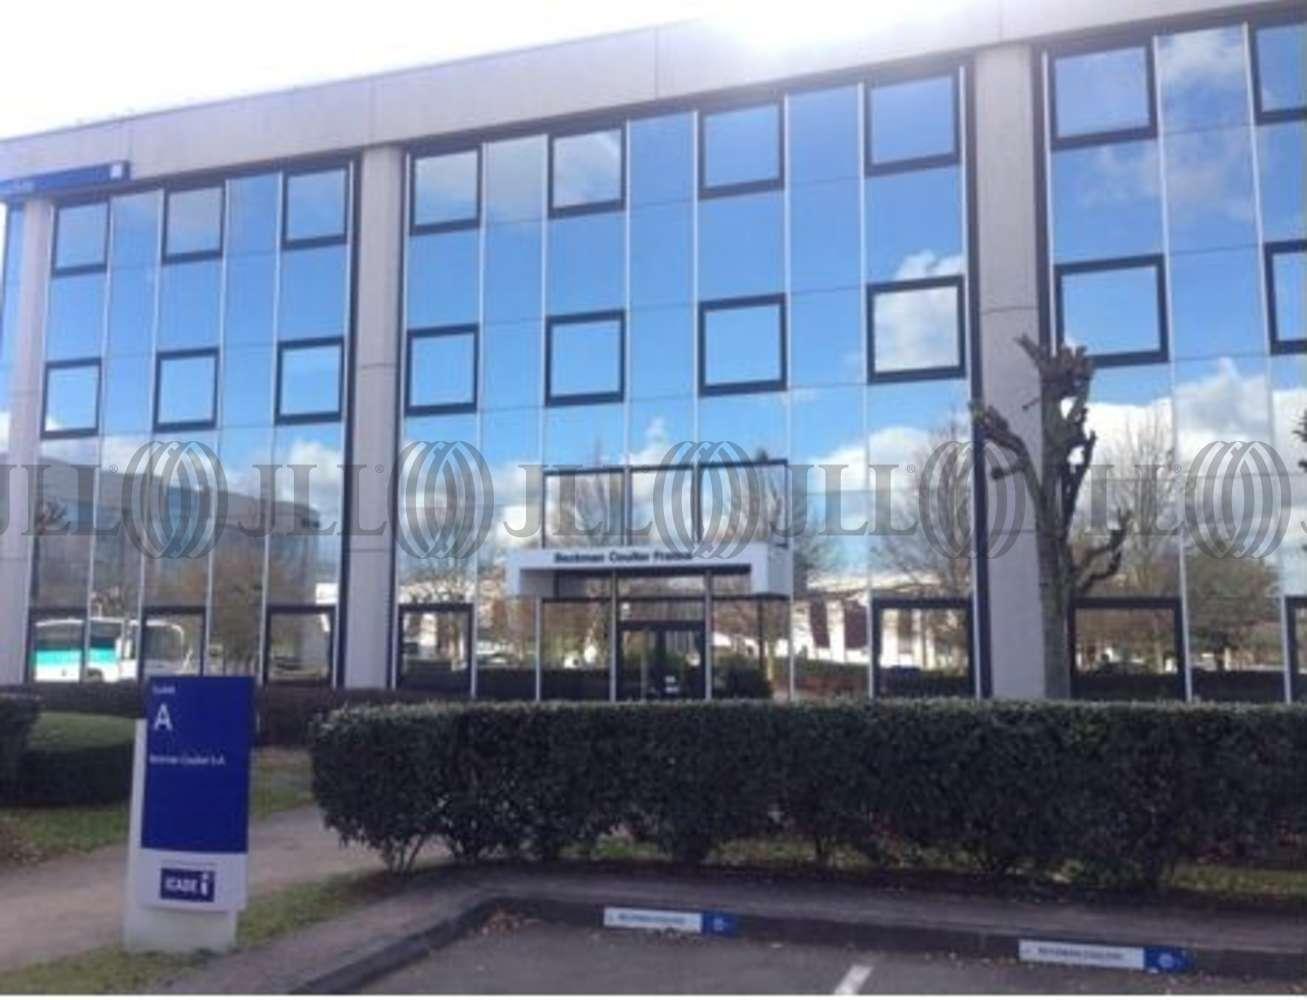 Activités/entrepôt Villepinte, 93420 - PARC PARIS NORD 2 - EUCLIDE